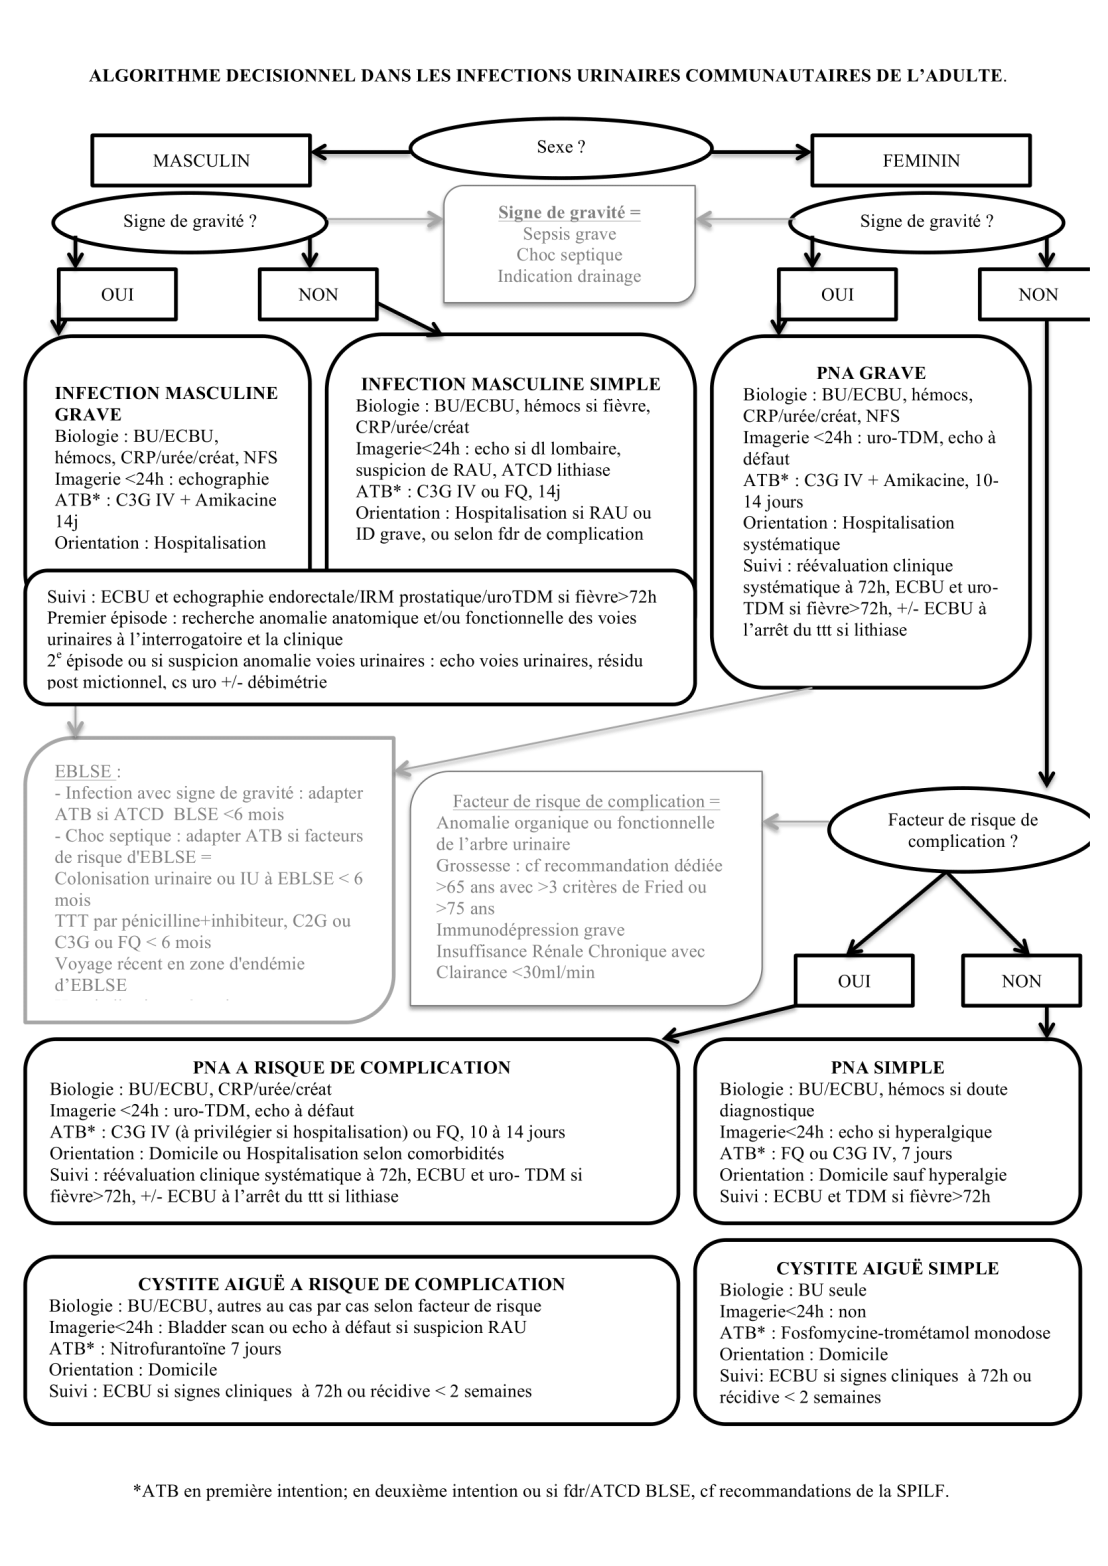 infections-urinaires-copie-1